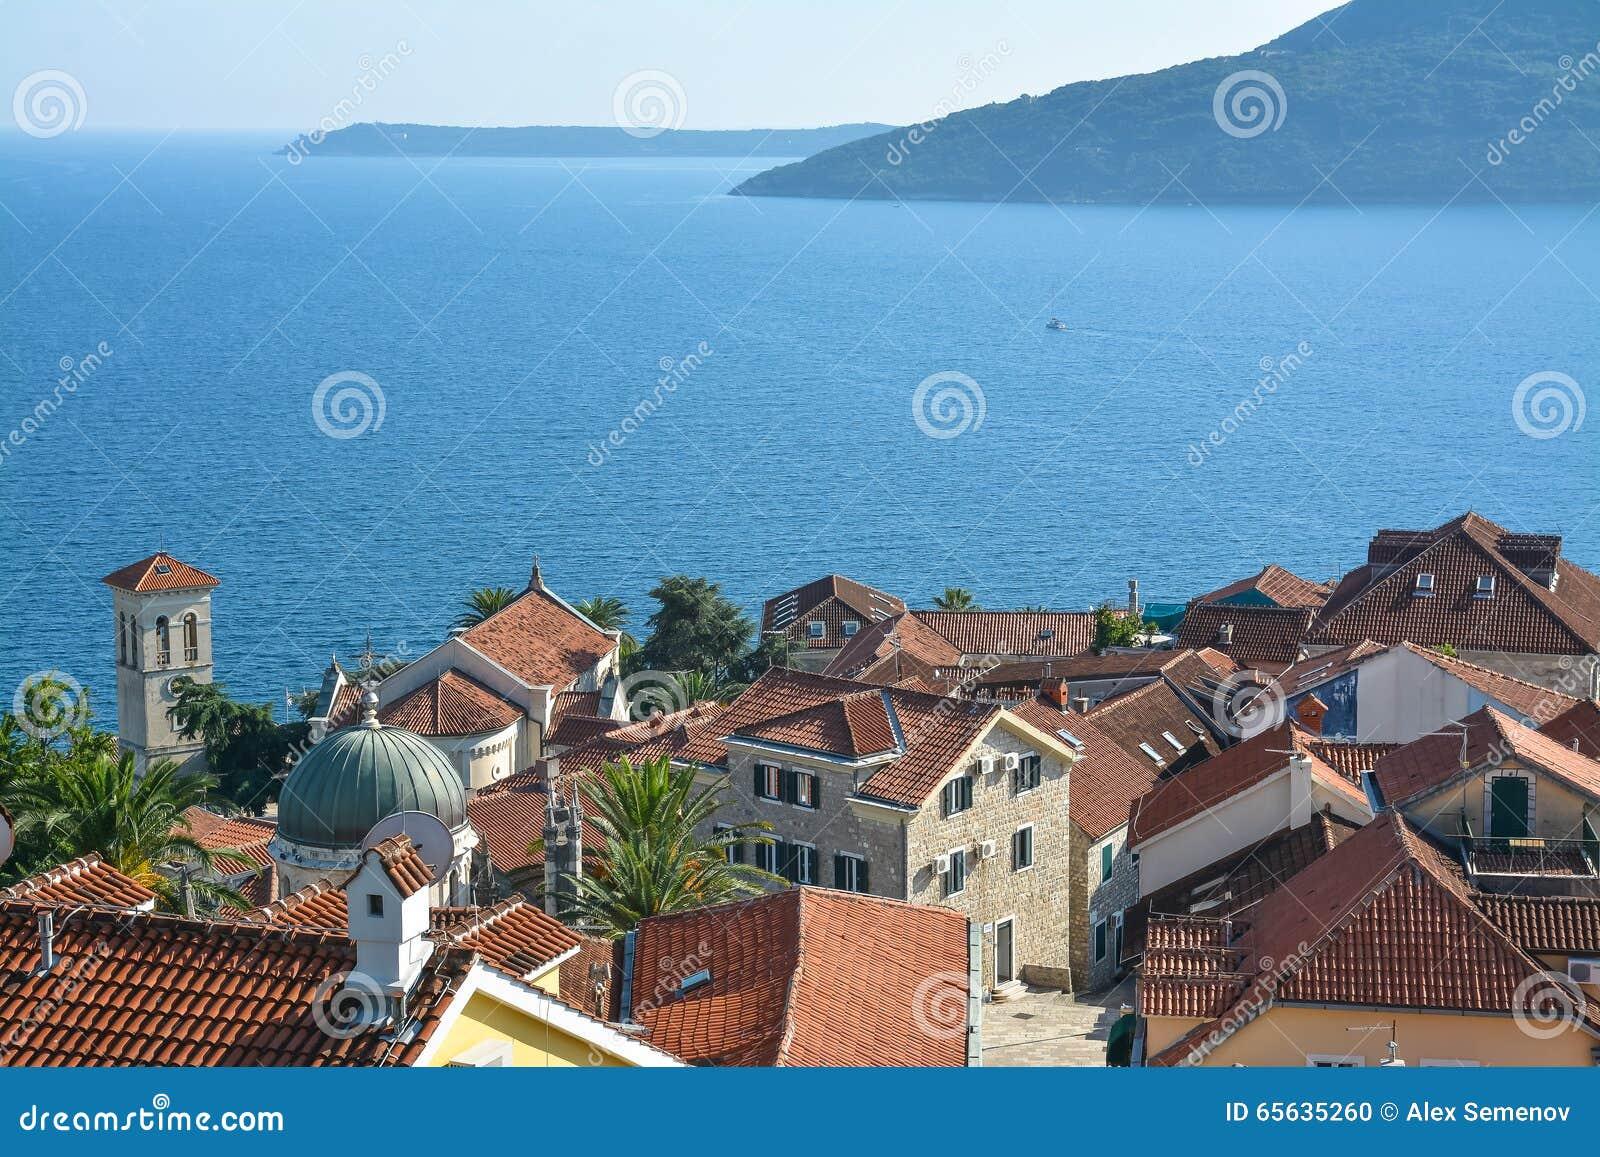 La vieille ville sur le fond de la Mer Adriatique